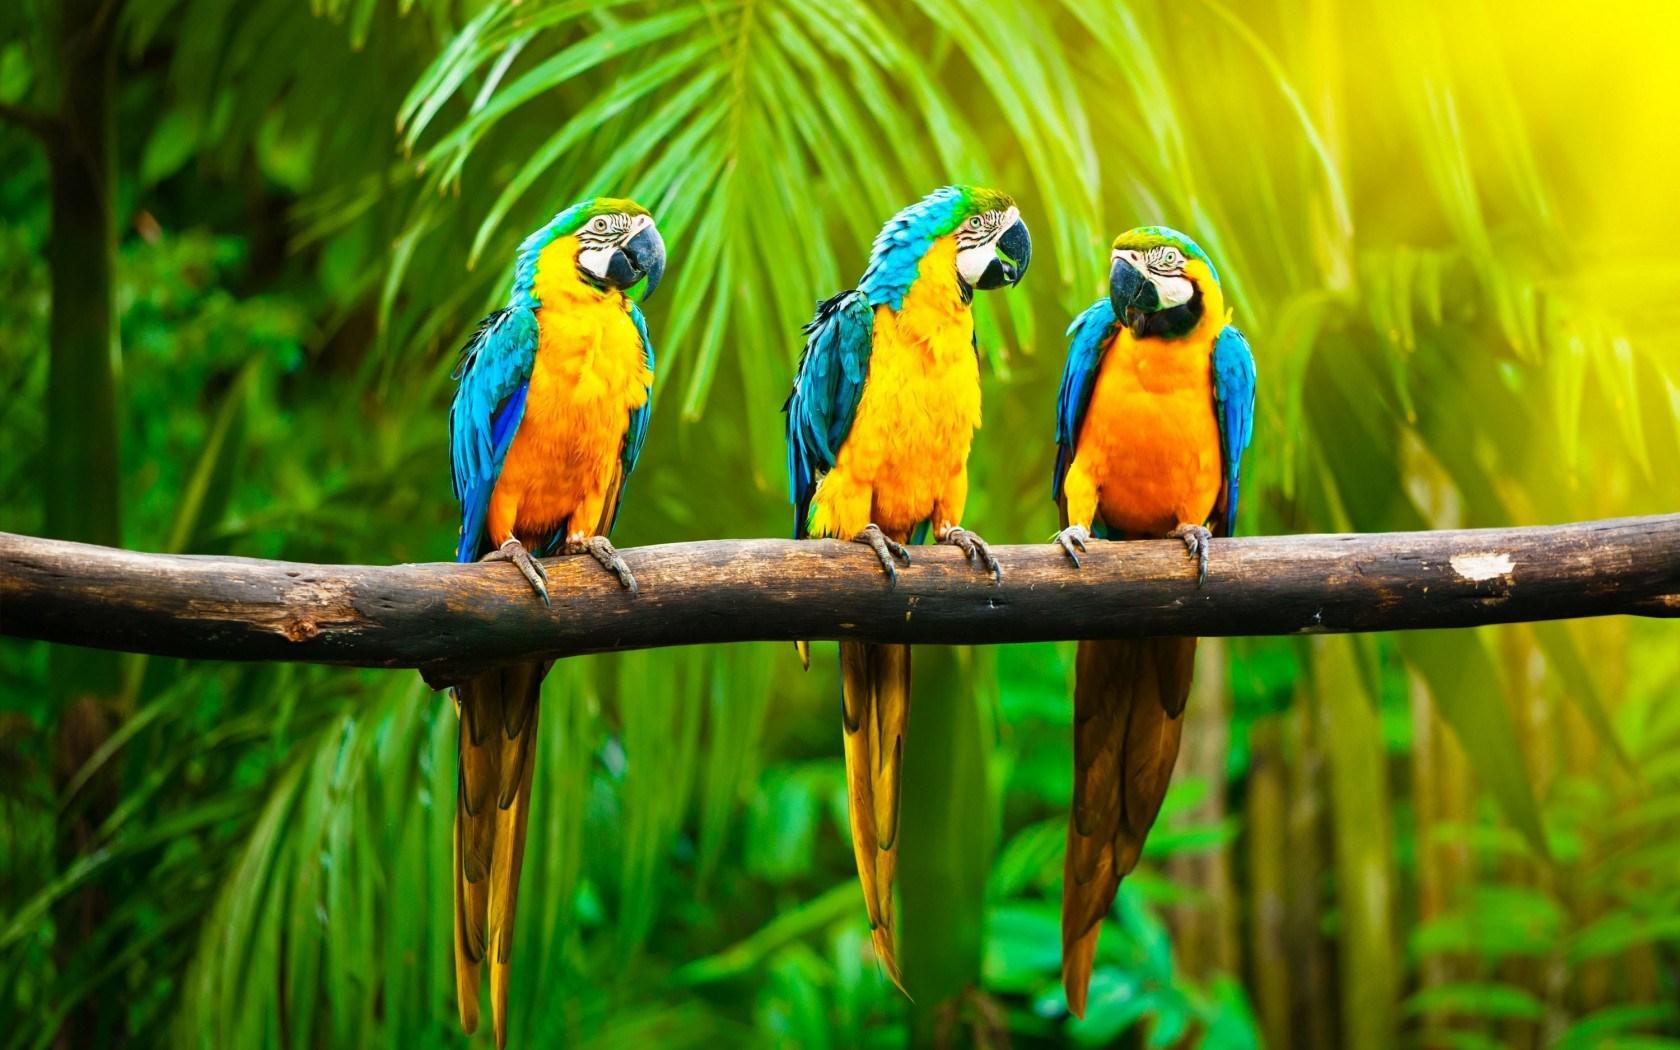 Parrots branch